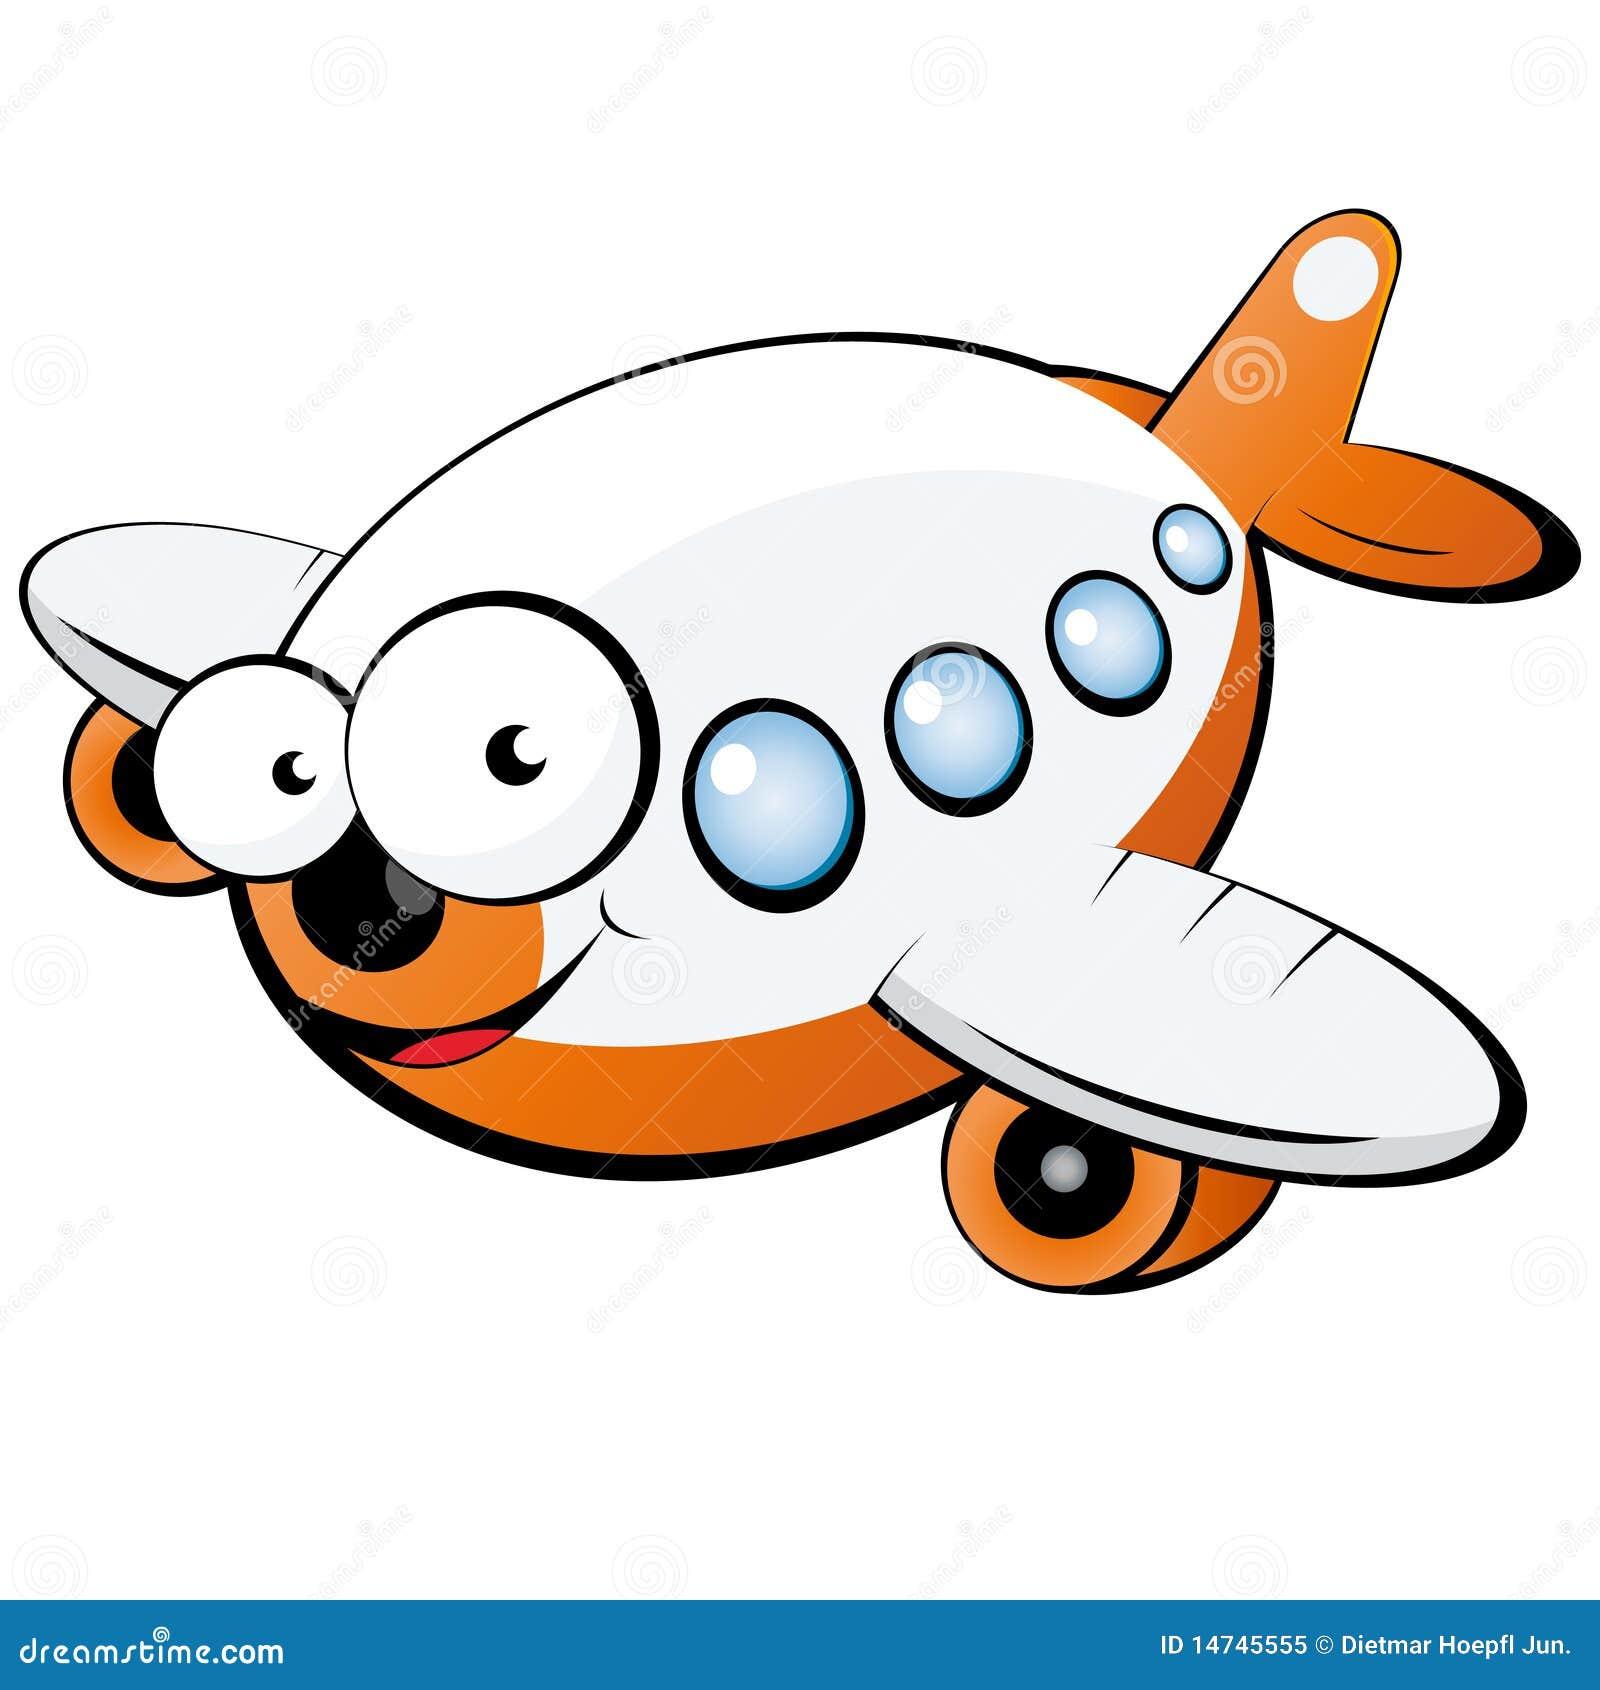 Mr. Airplane Man - Shakin' Around